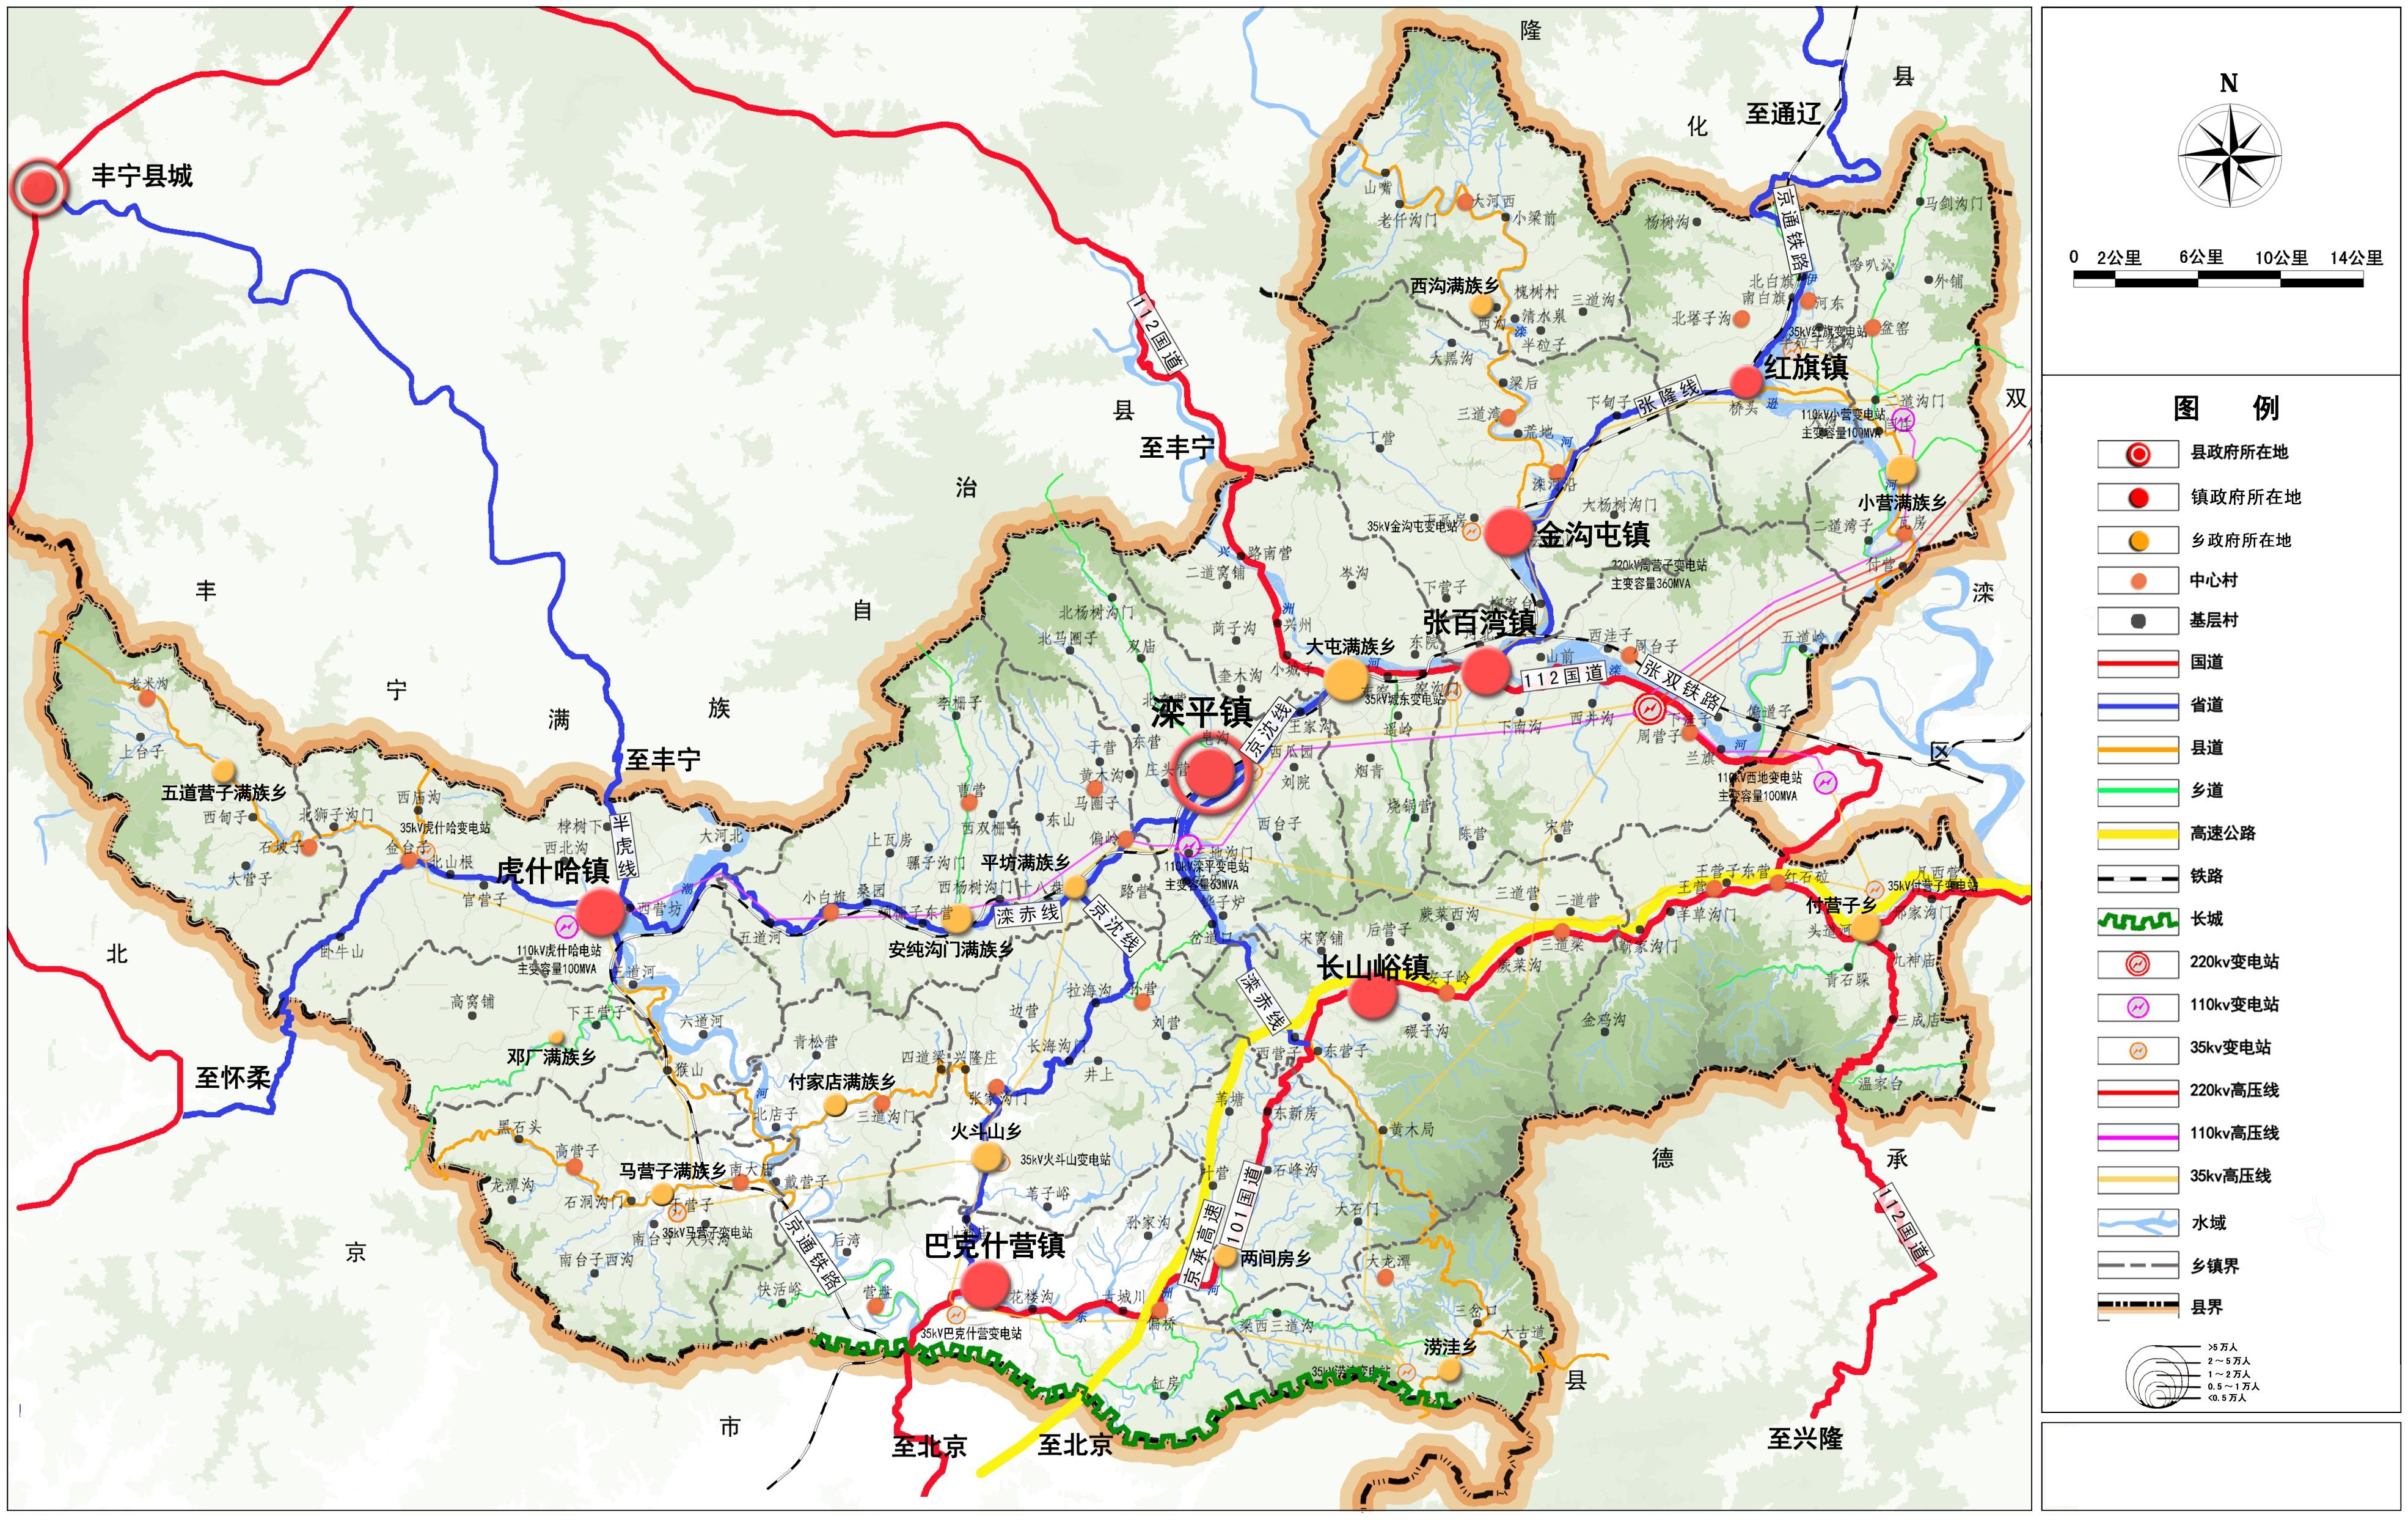 灤平縣鄉鎮國土空間規劃和村莊規劃